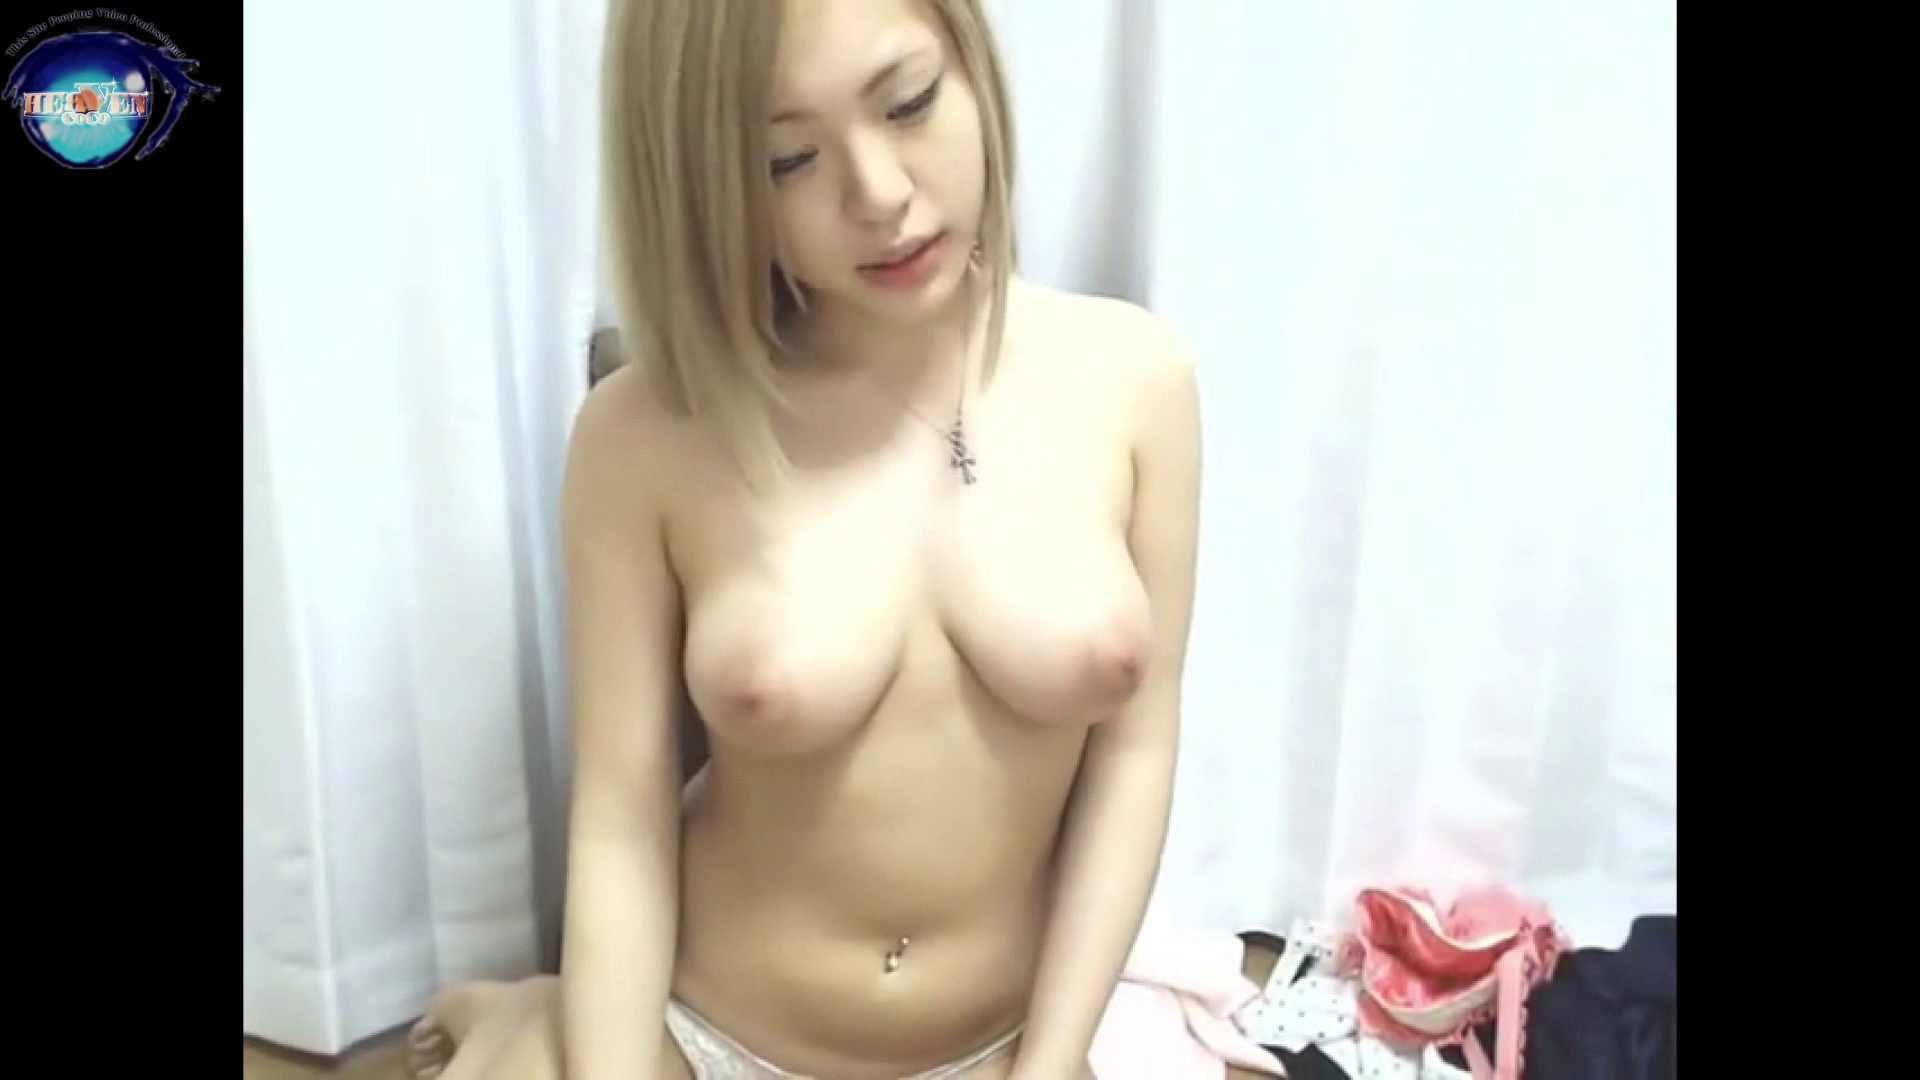 ライブチャットオナニー覗きvol.02 オナニー特別編 濡れ場動画紹介 88枚 26